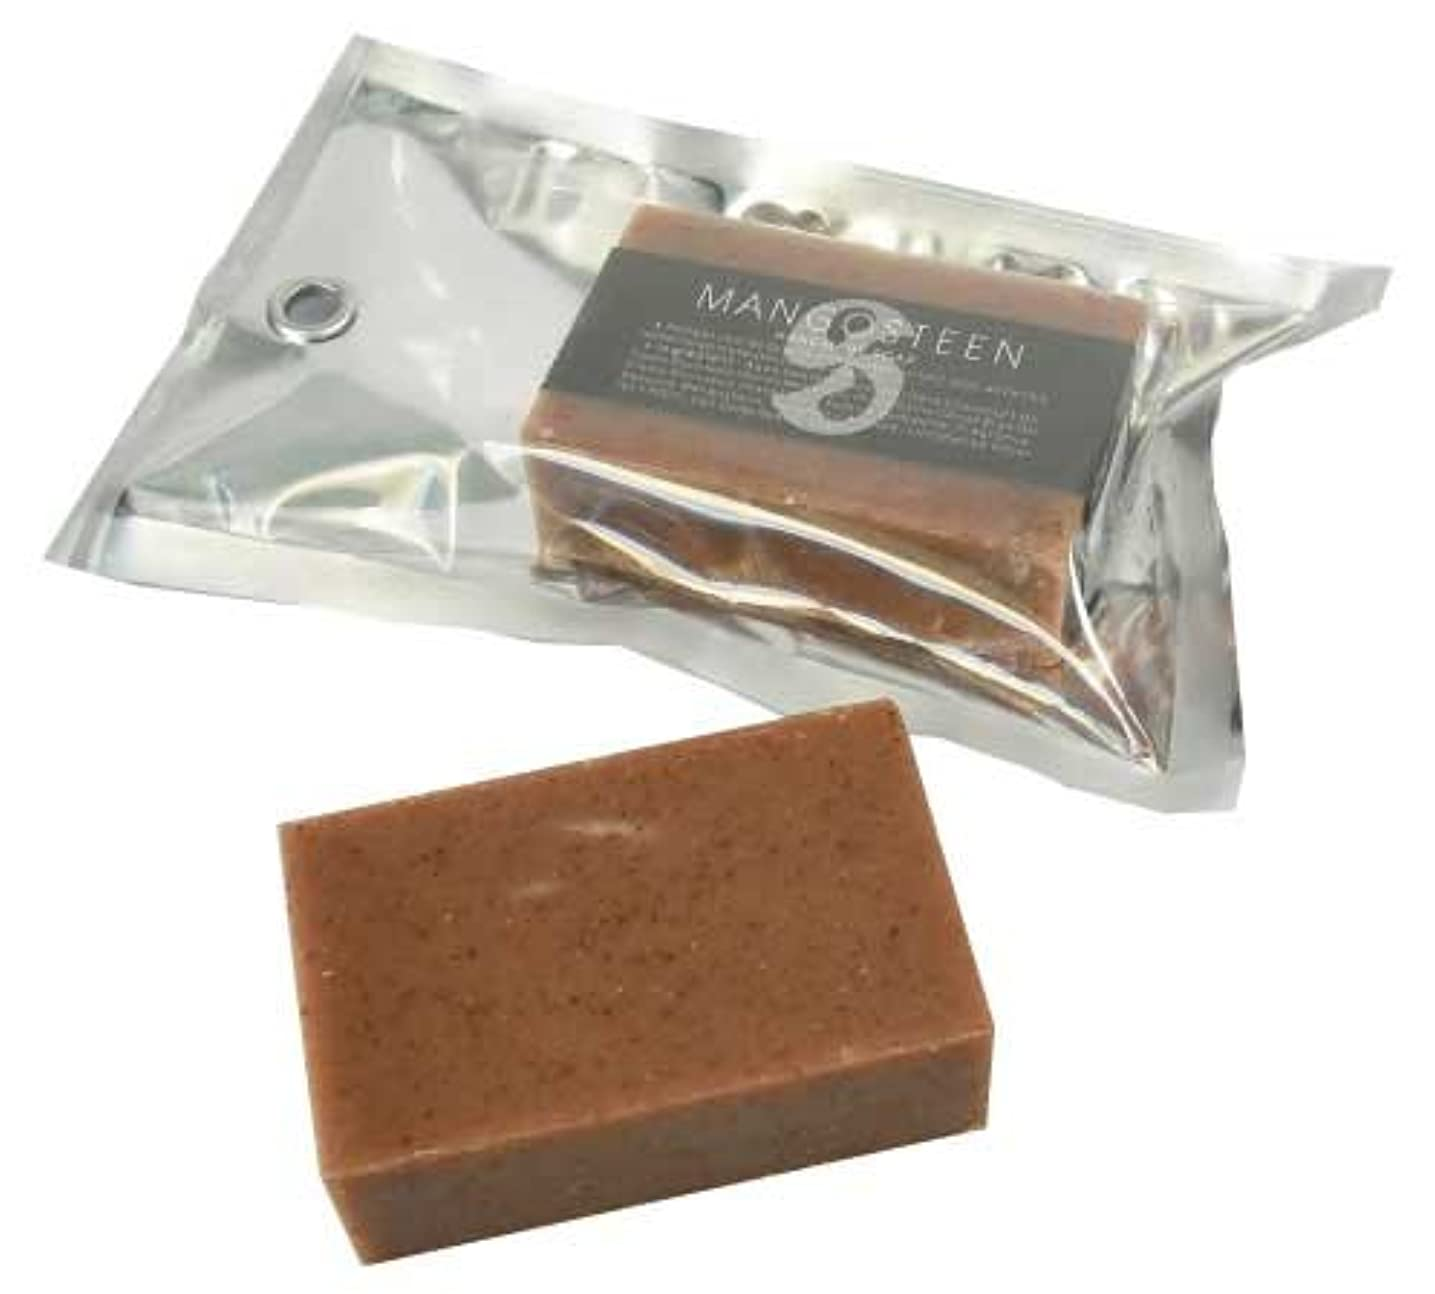 寮印刷する田舎ソープ アンド セント ハンドメイド ソープ マンゴスチン 95g